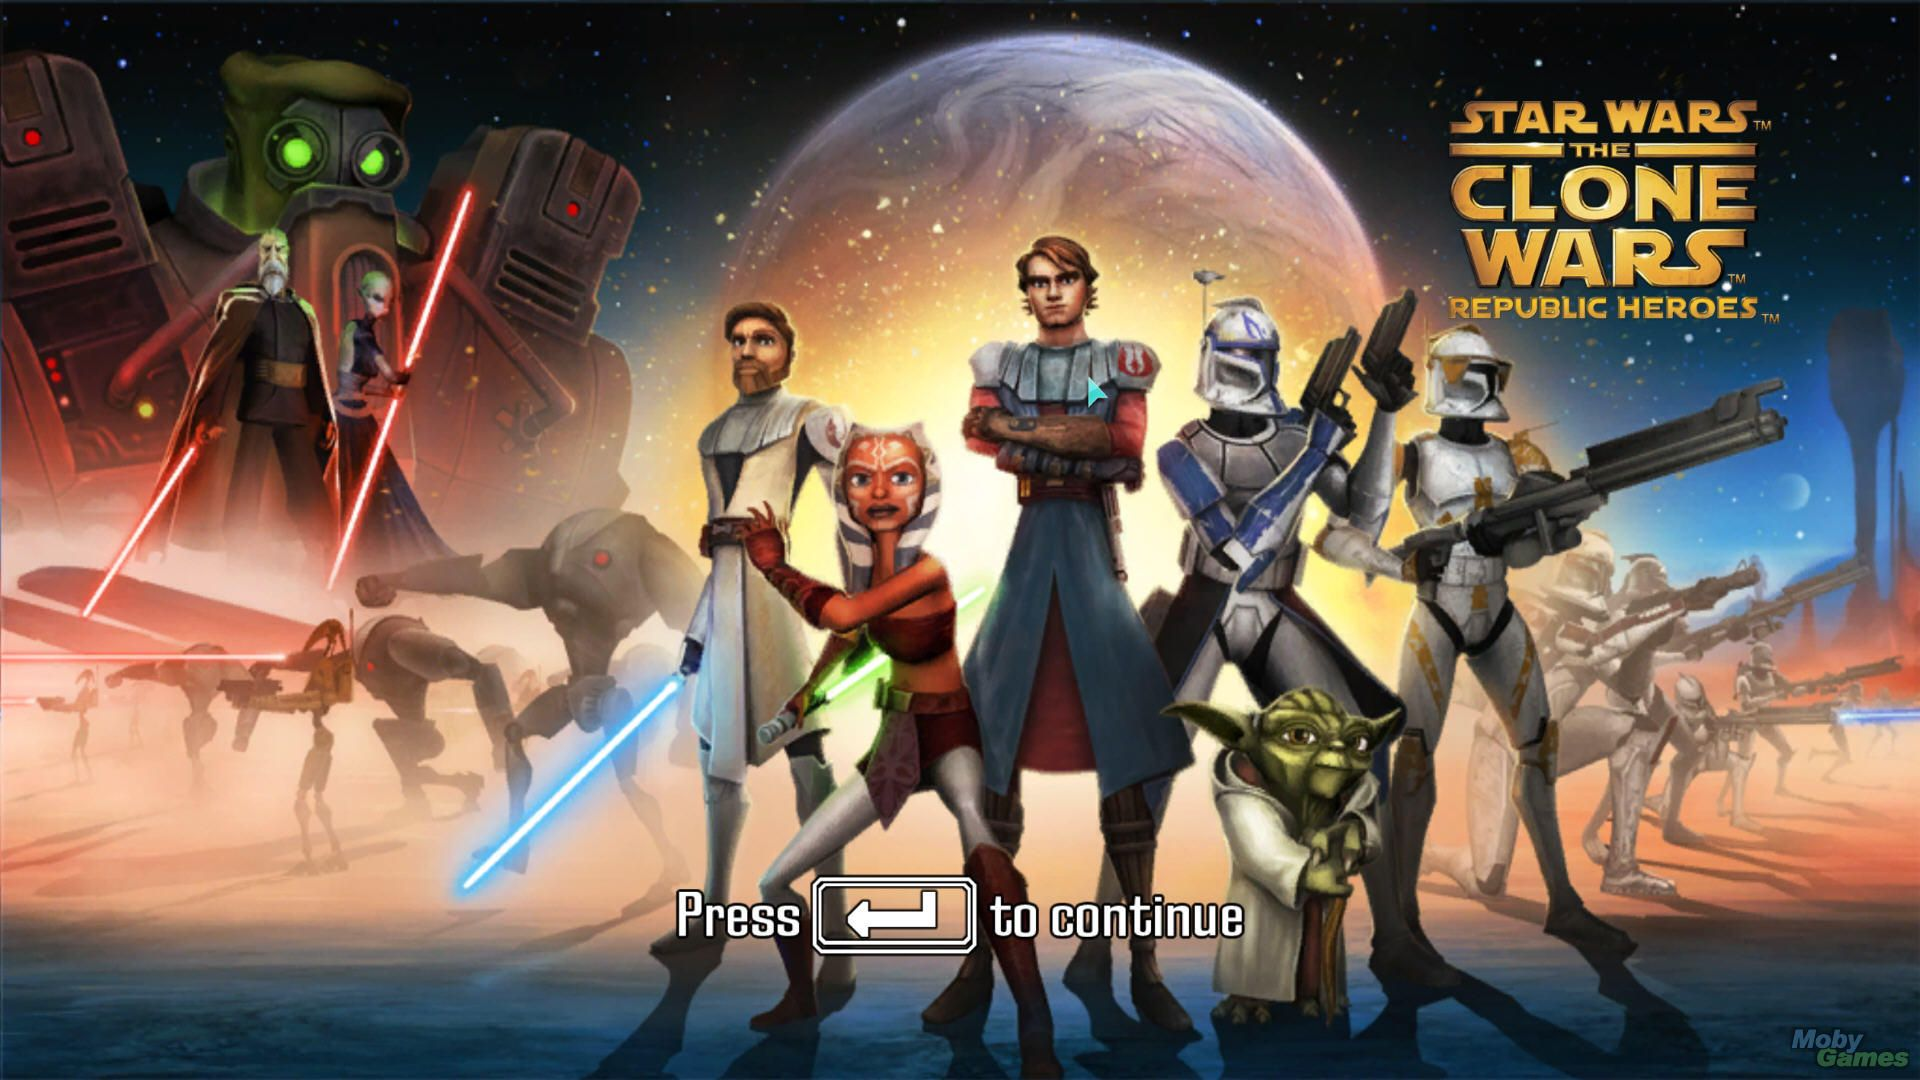 Star Wars The Clone Wars Wallpaper Clone Wars Star Wars Clone Wars Star Wars